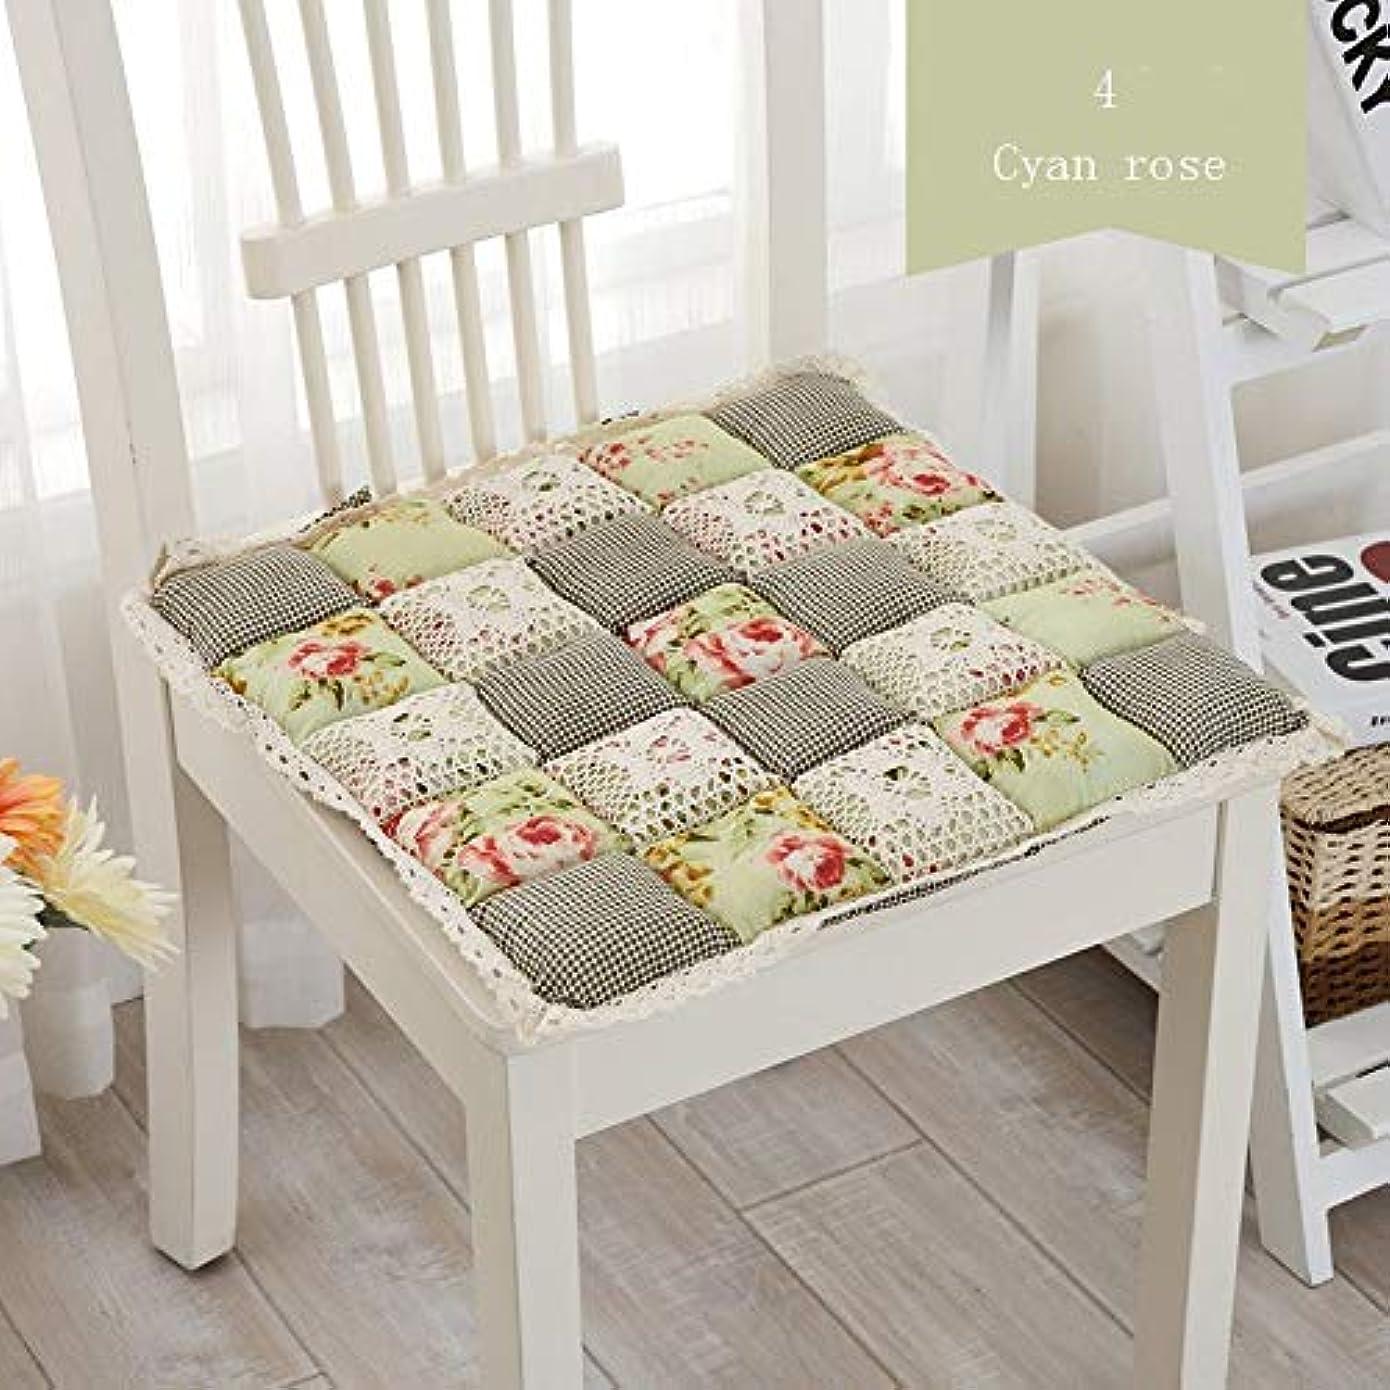 管理します積極的にライセンスLIFE 1 個抗褥瘡綿椅子クッション 24 色ファッションオフィス正方形クッション学生チェアクッション家の装飾厚み クッション 椅子